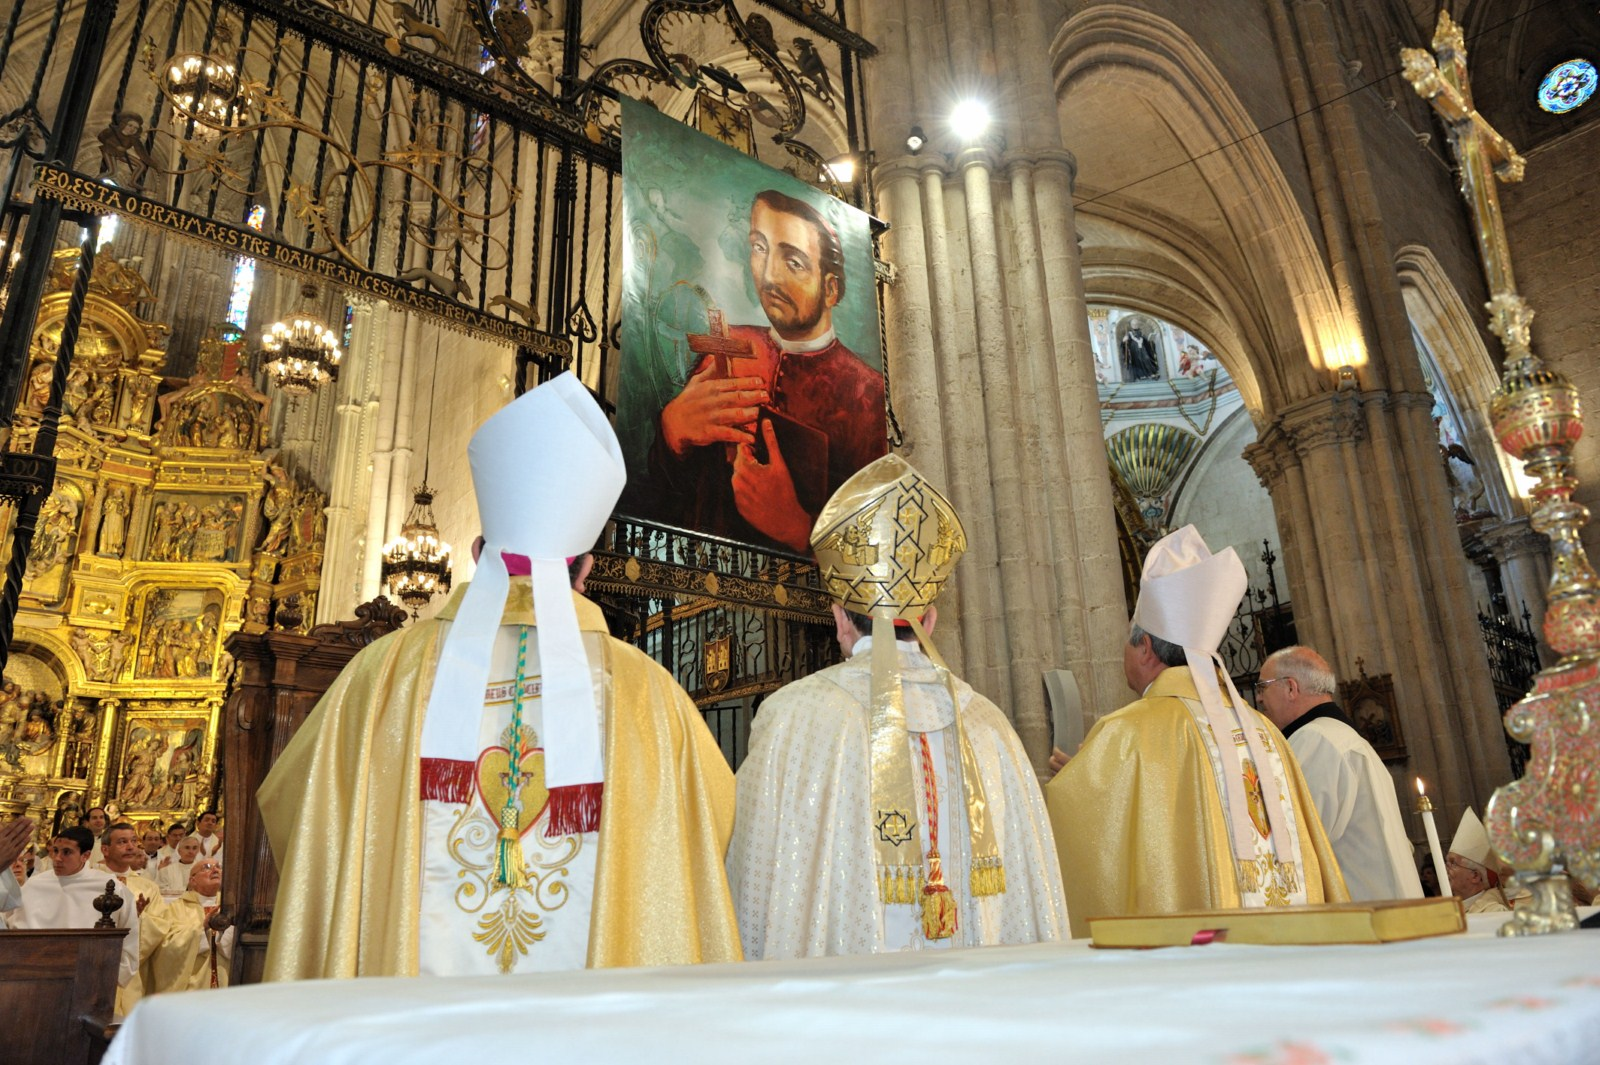 cuerpo eclesiástico en ceremonia hacia Juan de Palafox y Mendoza